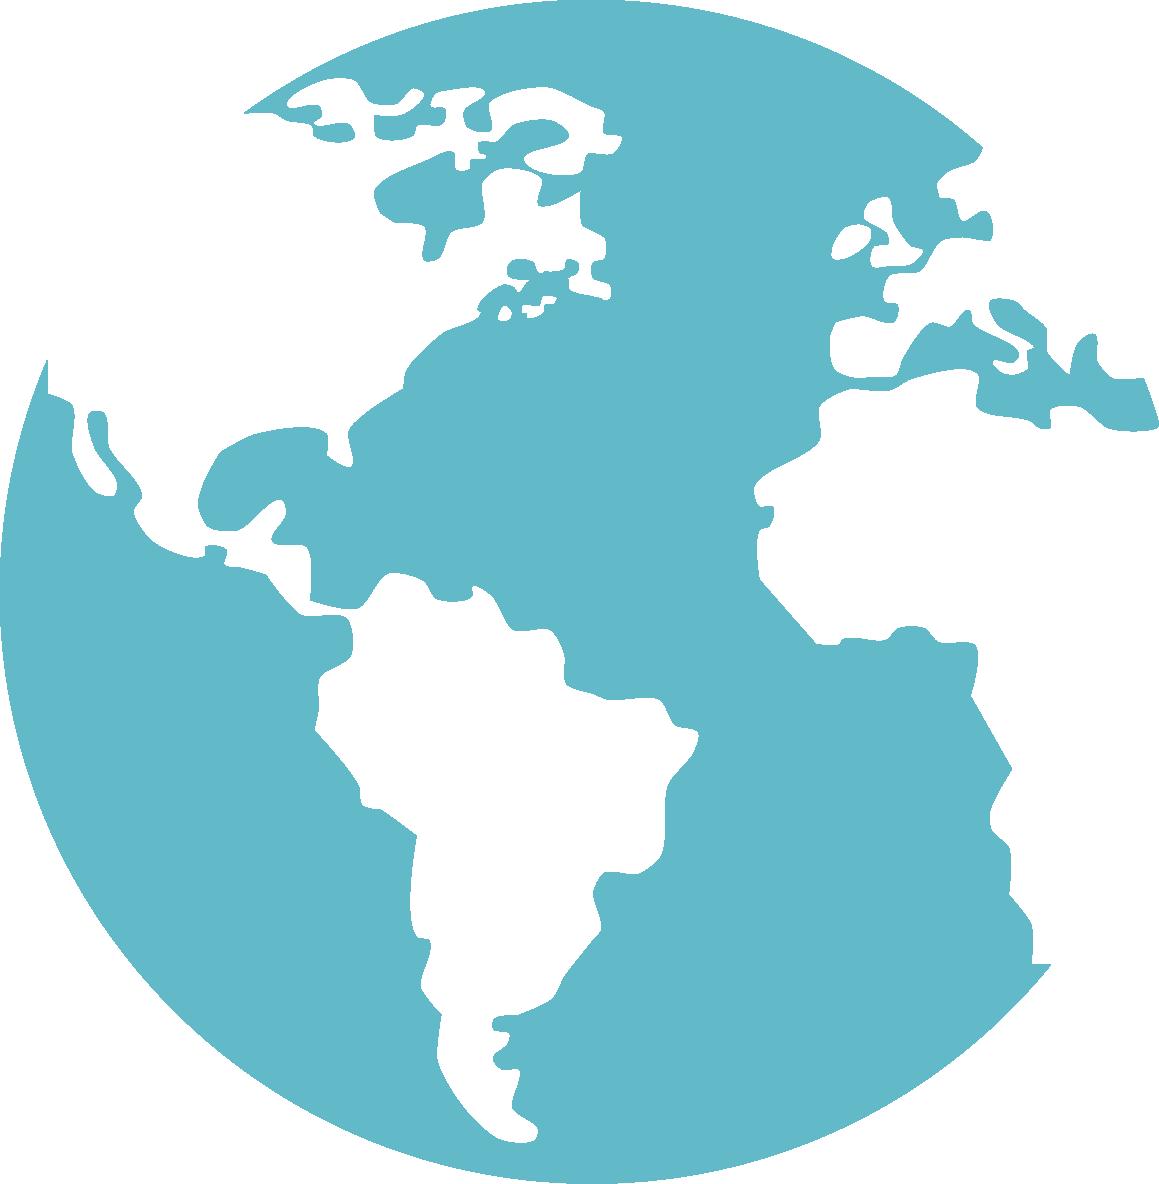 Mapa mundi océanos